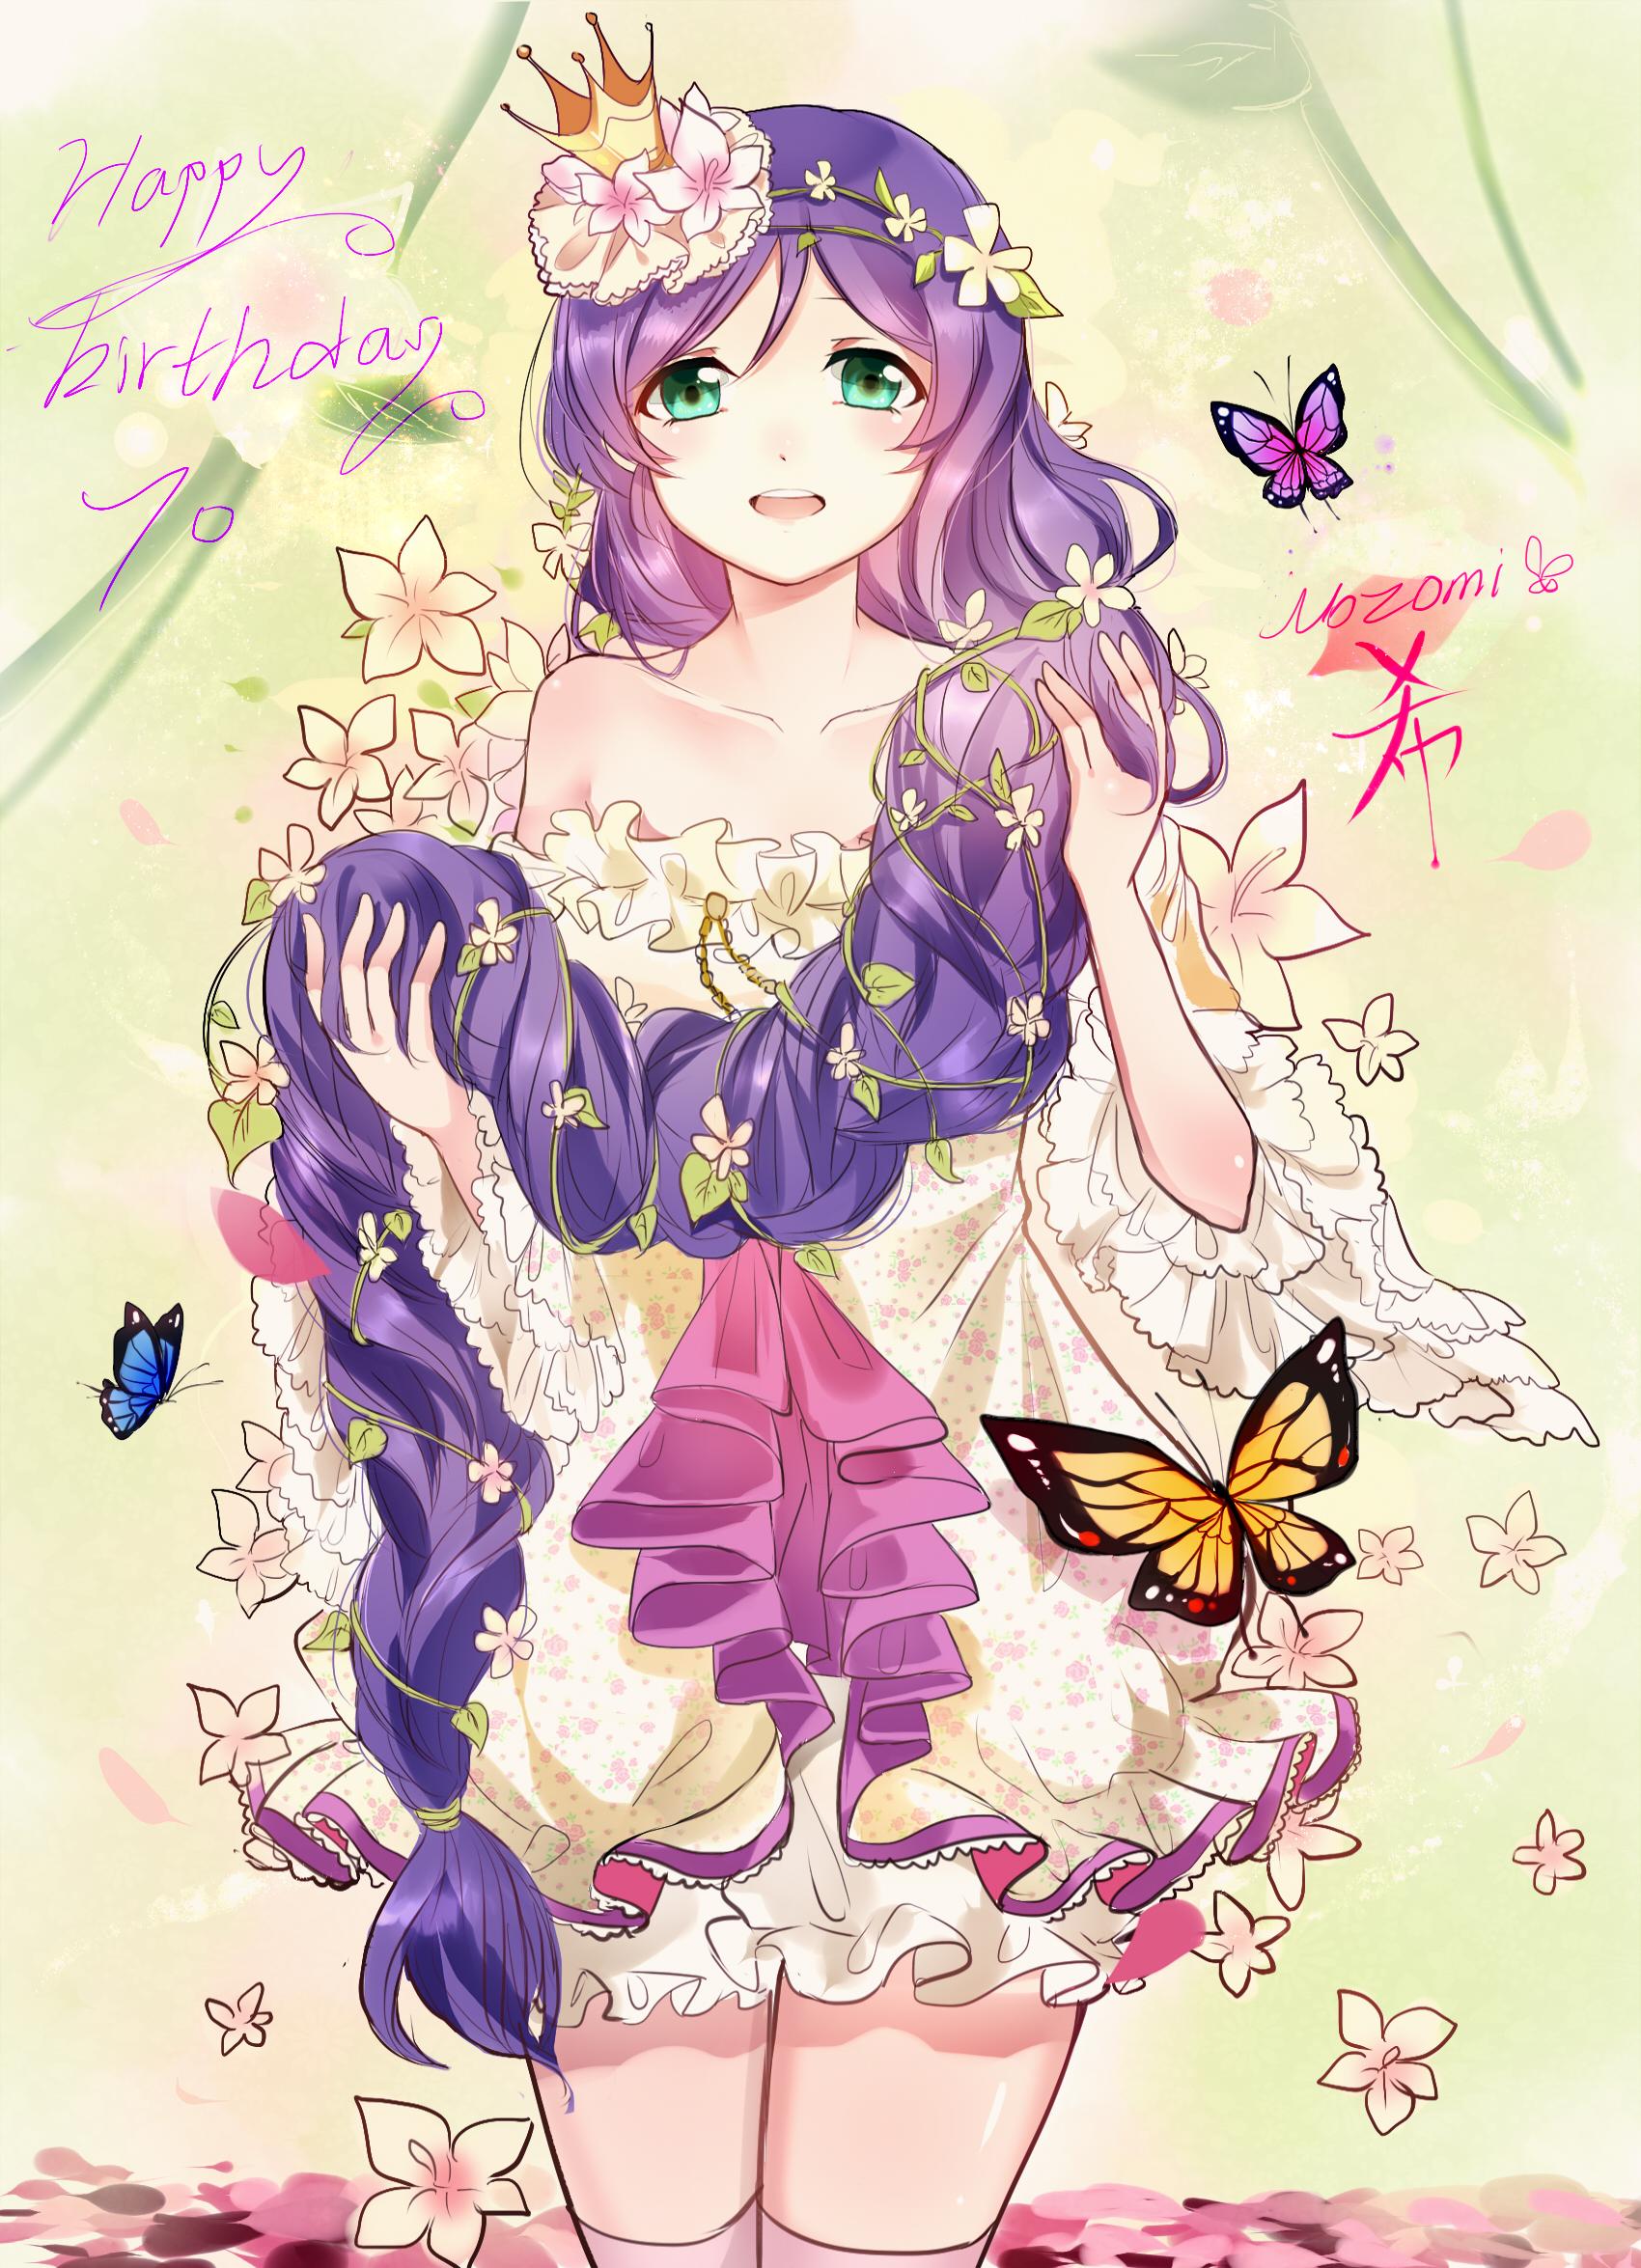 Toujou Nozomi - Love Live! - Mobile Wallpaper #1885939 - Zerochan Anime Image Board